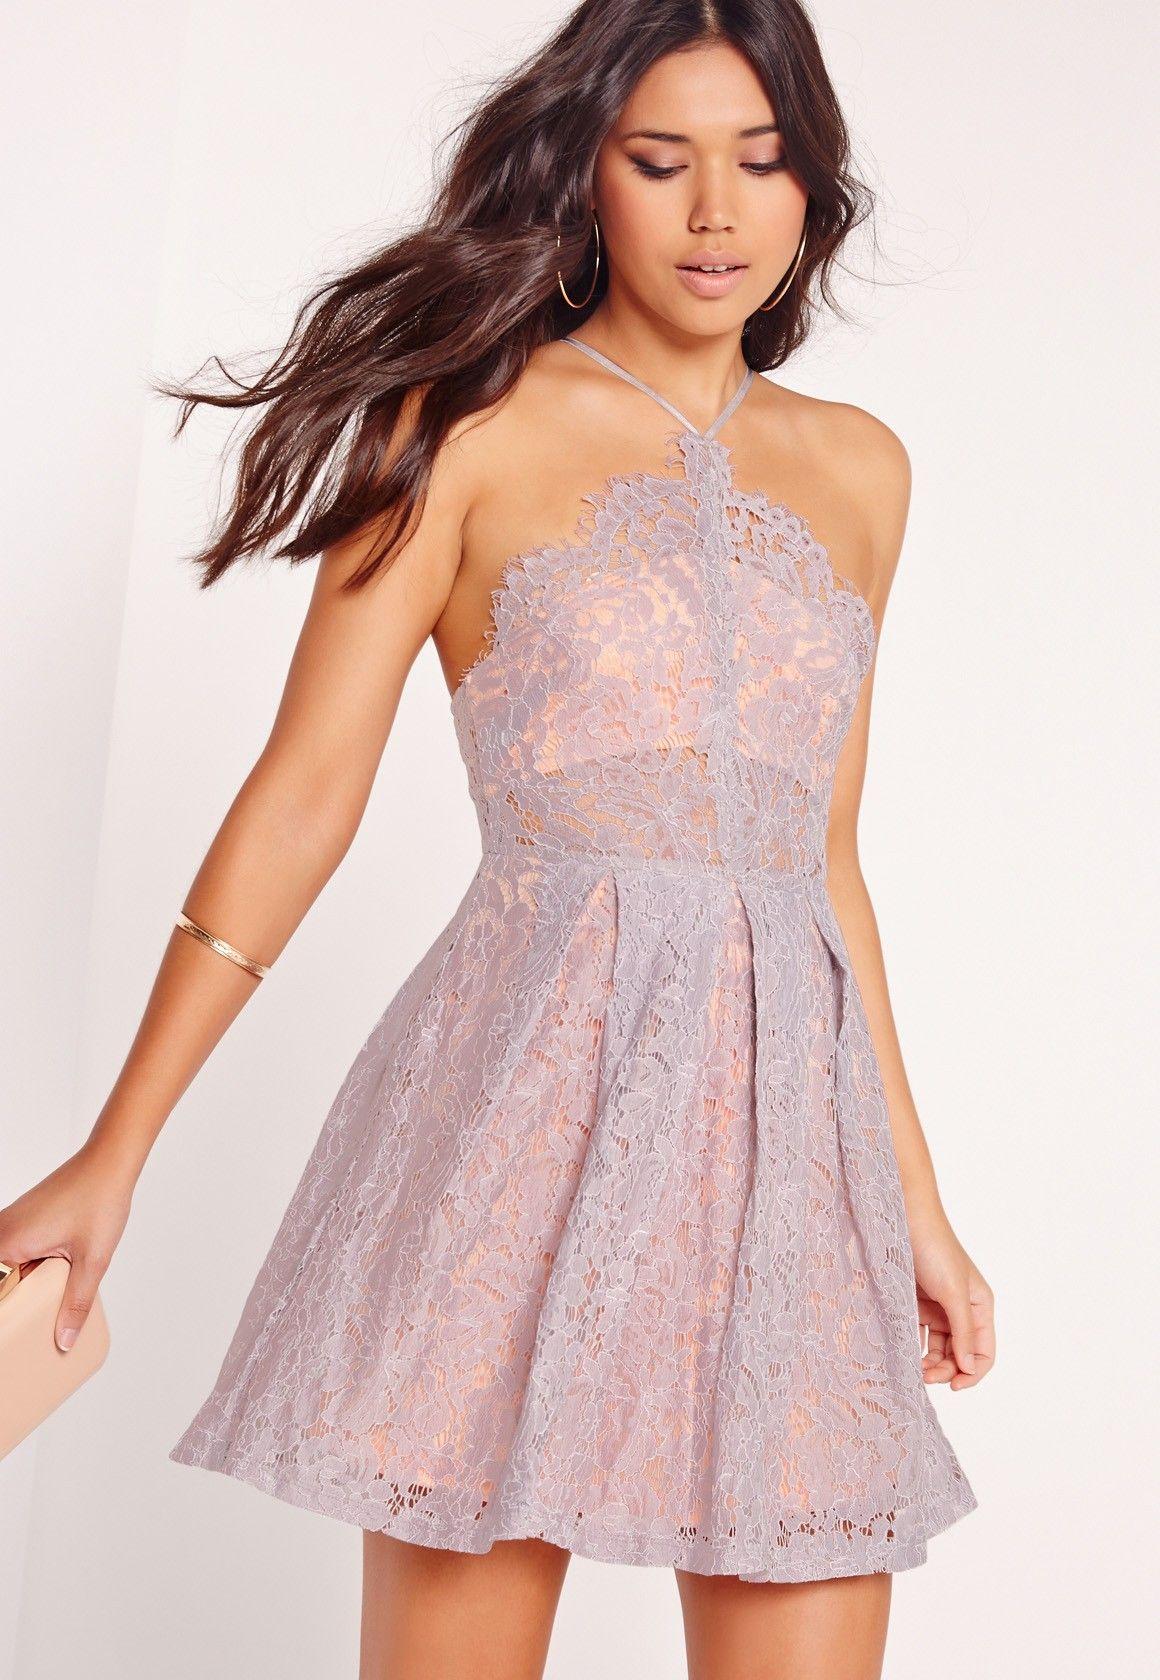 6bf7cd5d6 Missguided - Strappy Lace Skater Dress Lilac Letné Šaty, Formálne Šaty,  Krátke Šaty,